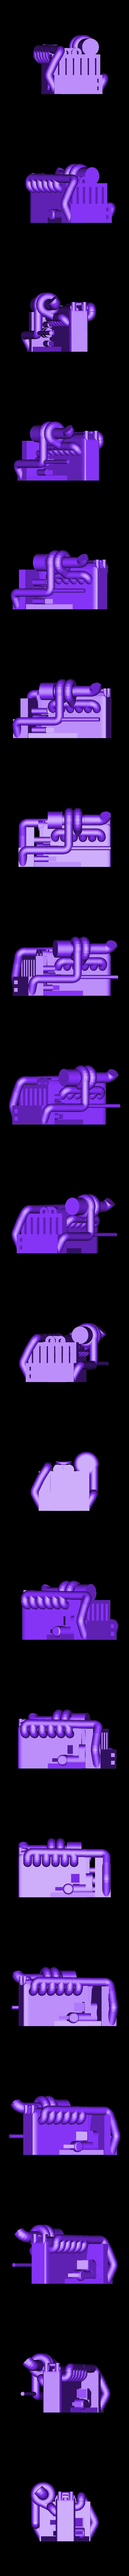 RB26DET.stl Télécharger fichier STL gratuit Pack de variétés de moteurs Gaslands • Objet imprimable en 3D, Marcus_GT500